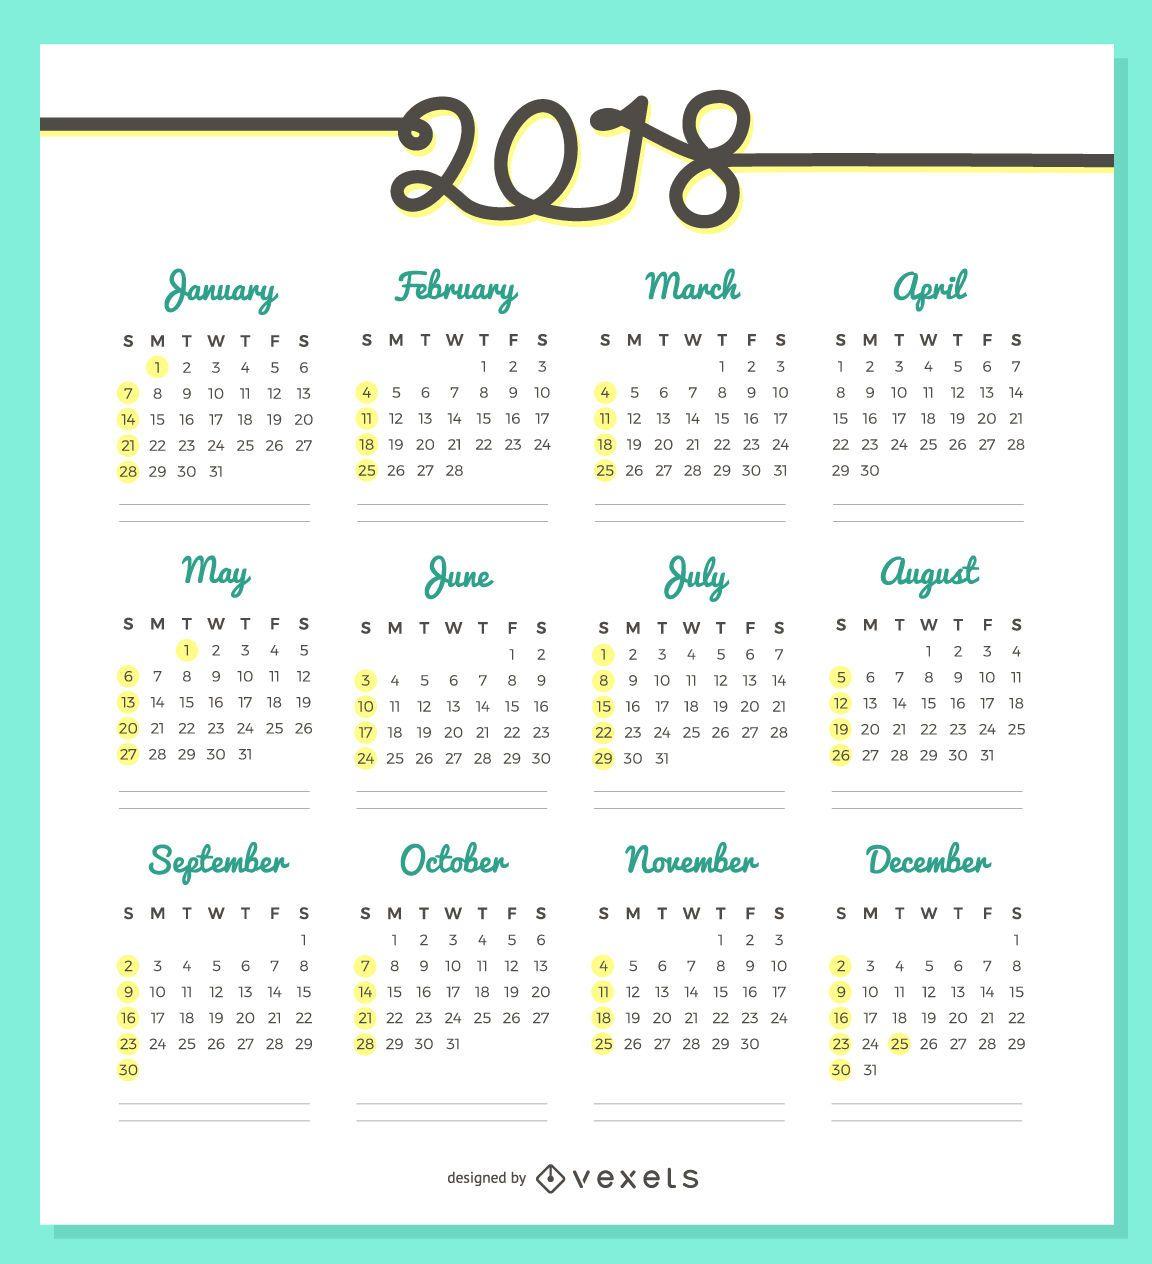 calendario de vacaciones 2018  m u00e1s de 100 plantillas para descargar e imprimir